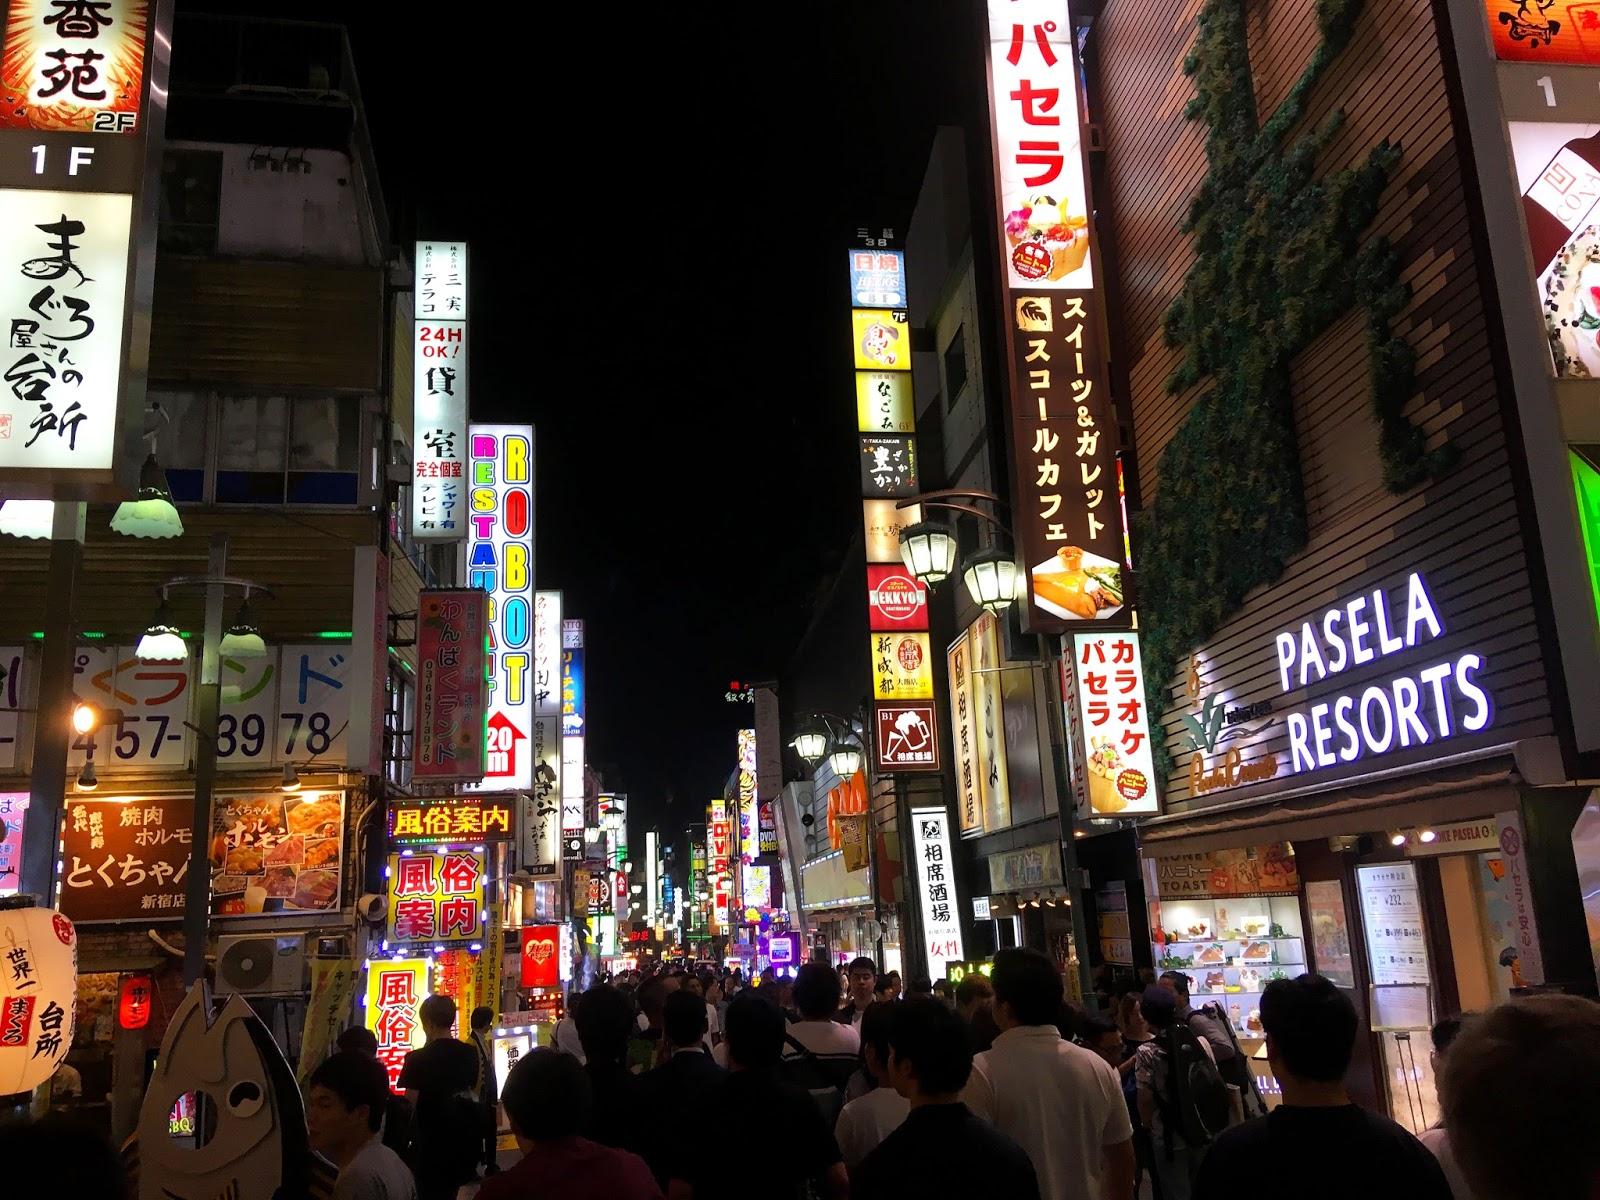 voyage travel au japon à Tokyo Shibuya pleins de jolis photographies temples et sanctuaires